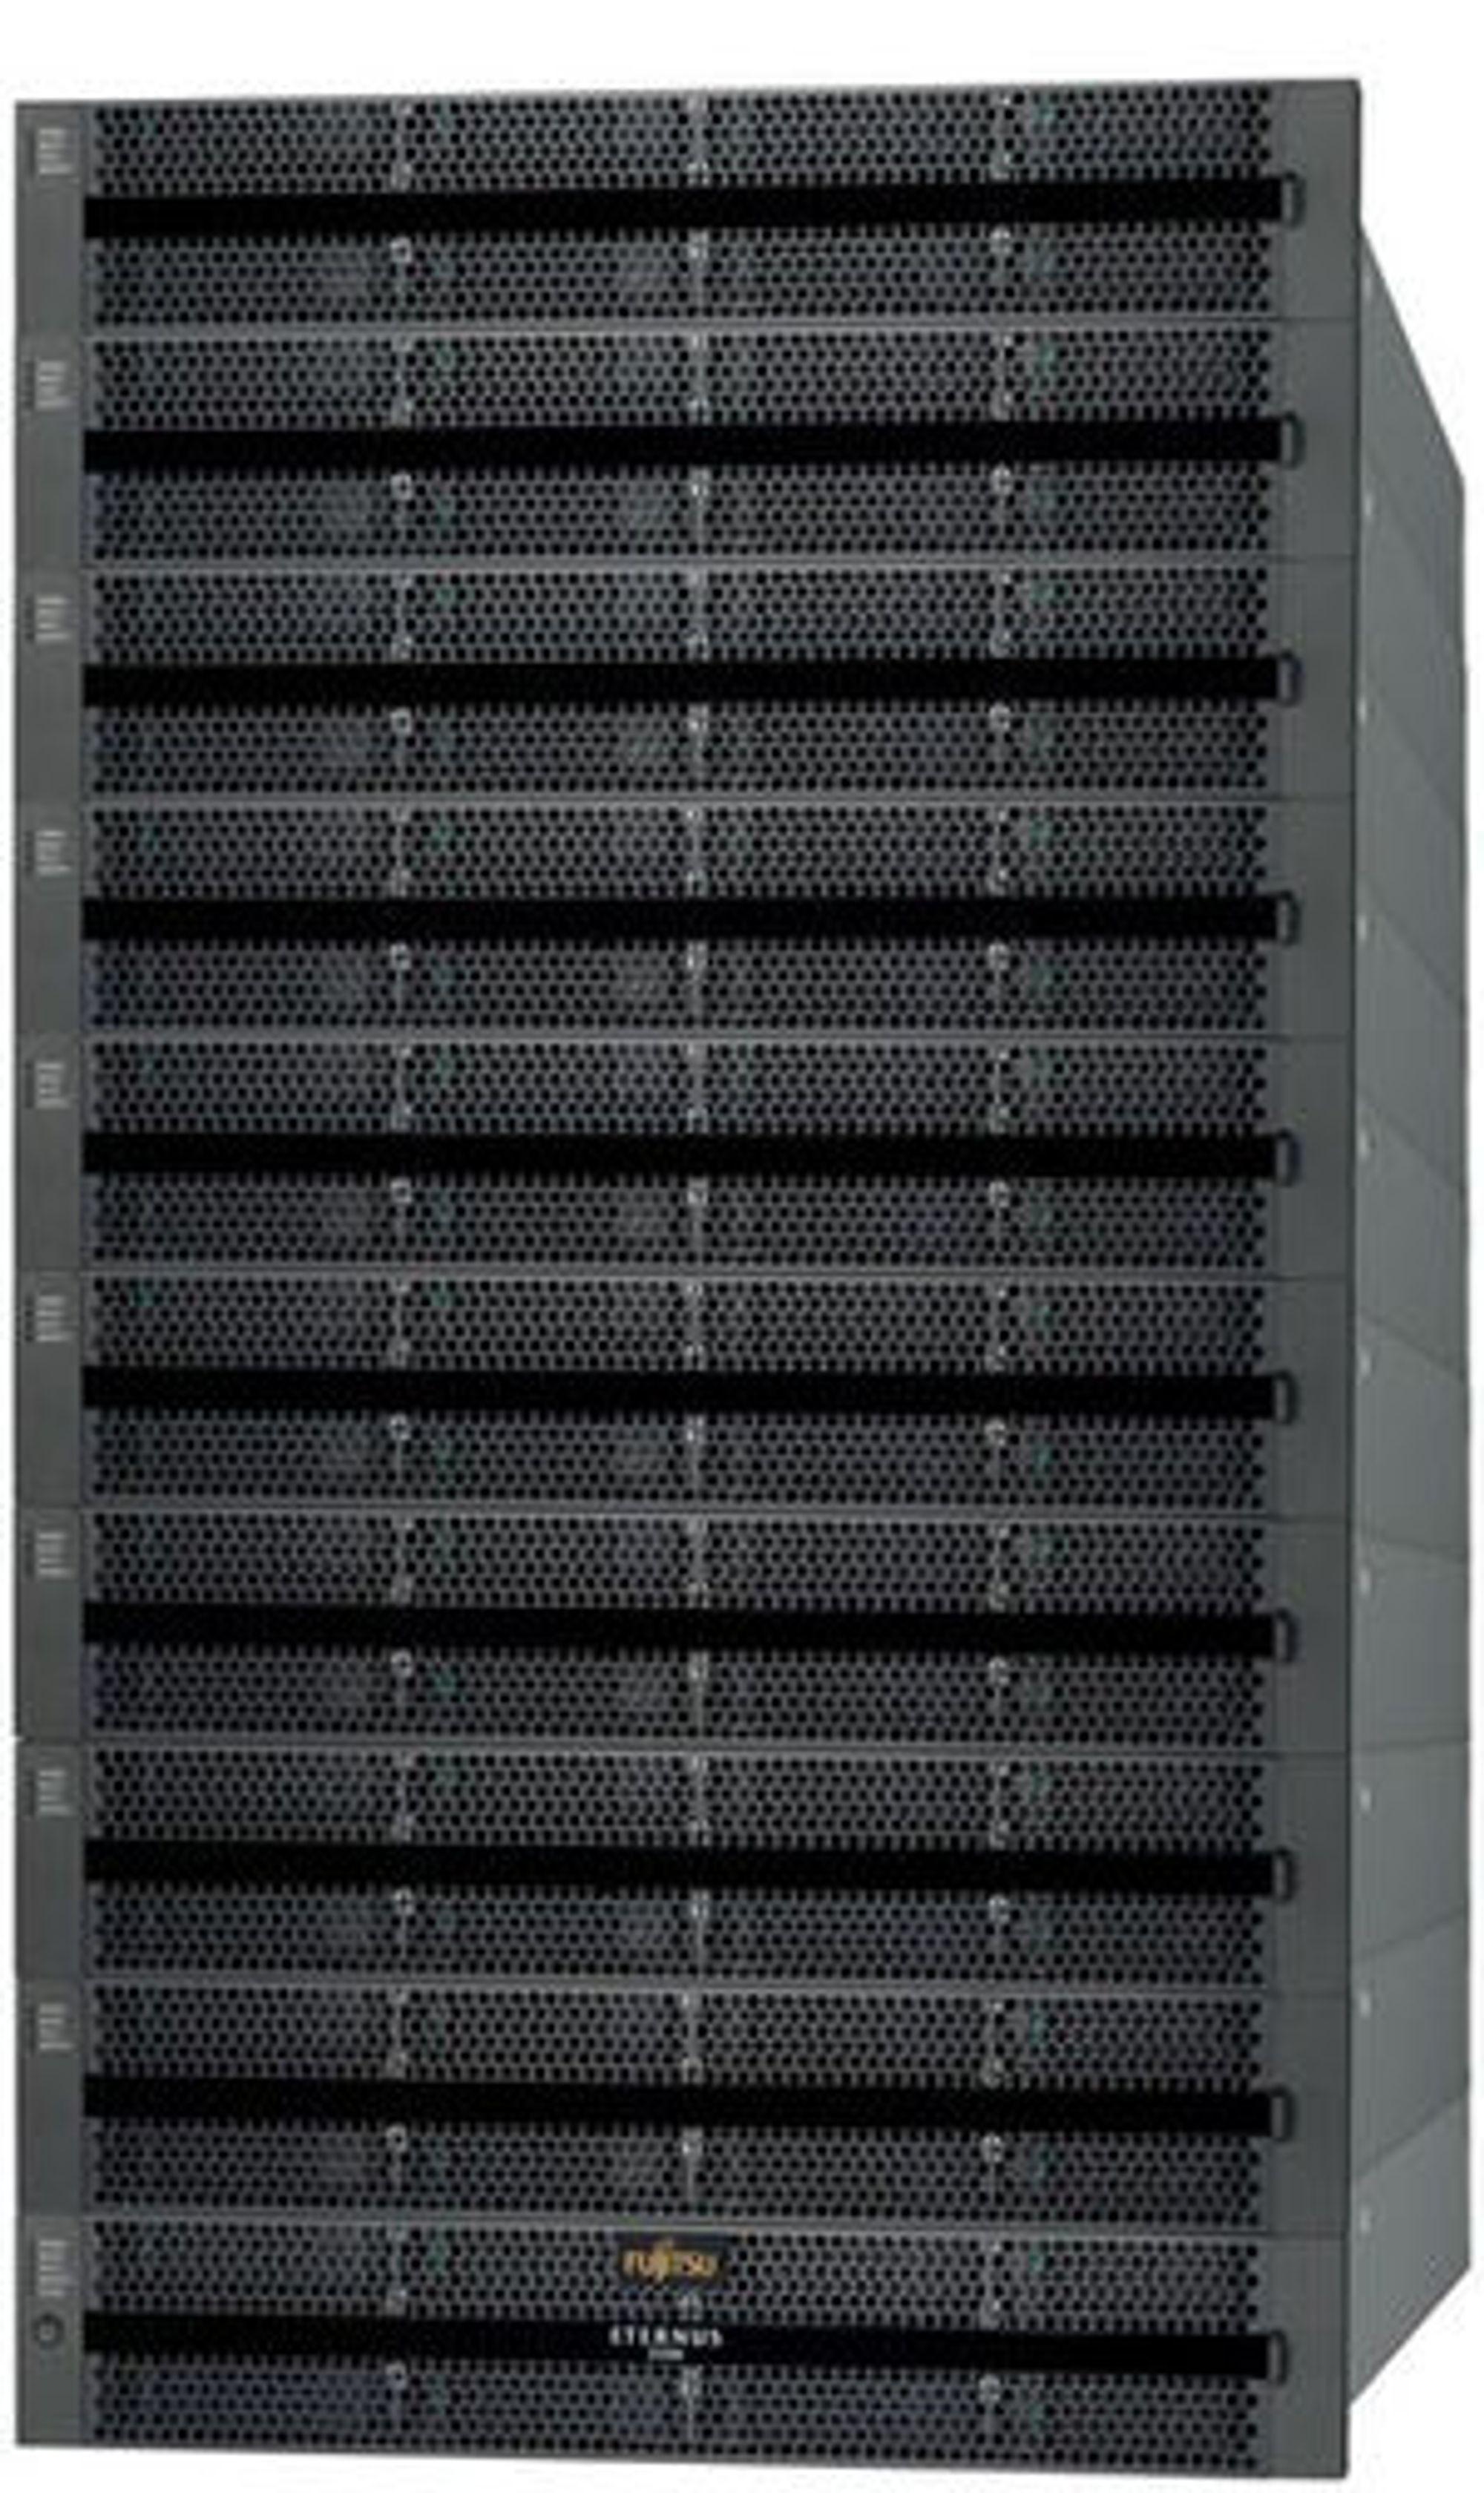 Makasimalt utbygget tilbyr Eternus DX80 120 terabyte.